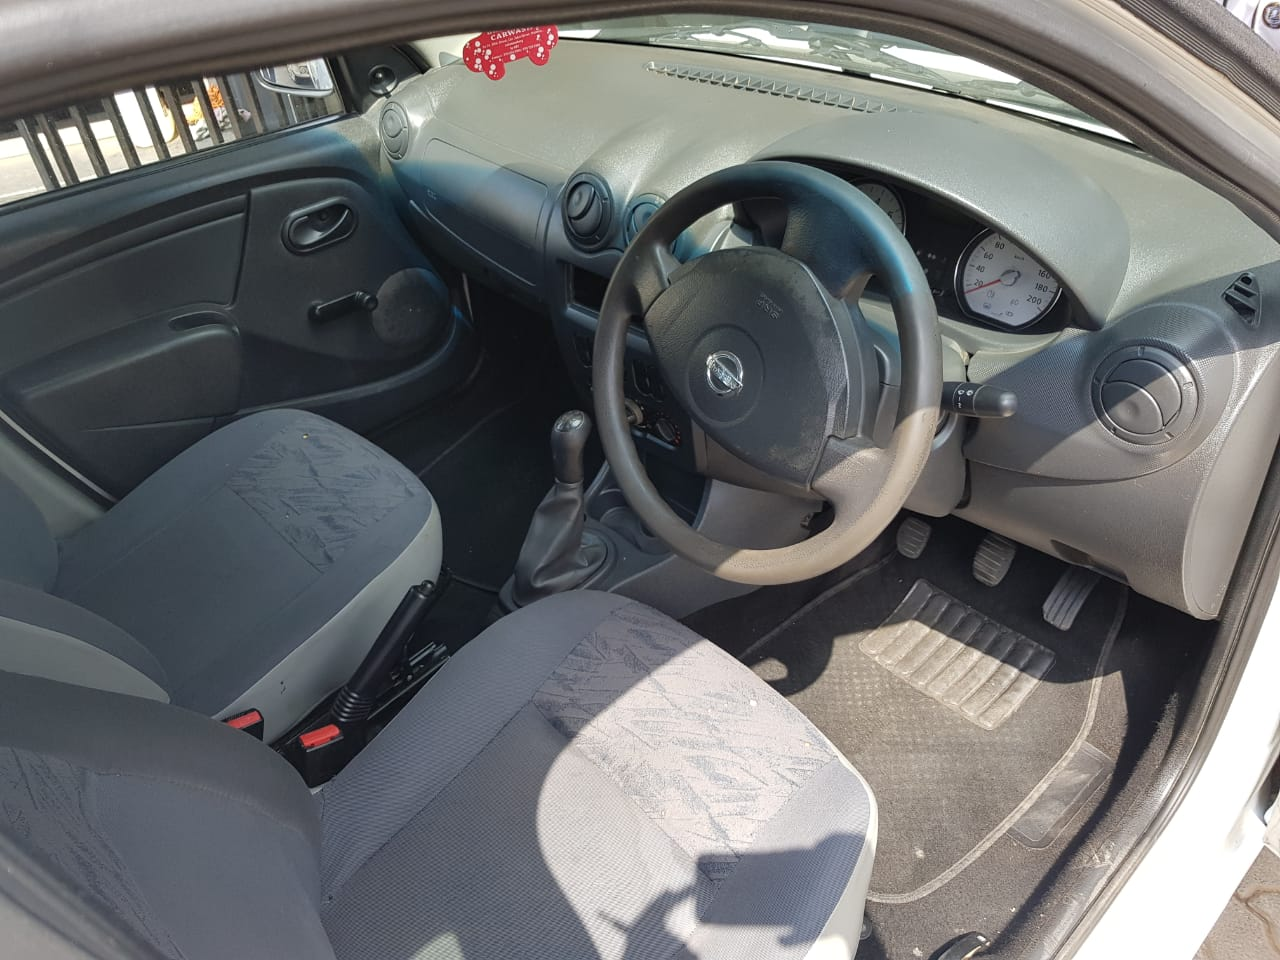 2014 Nissan NP200 1.6i loaded